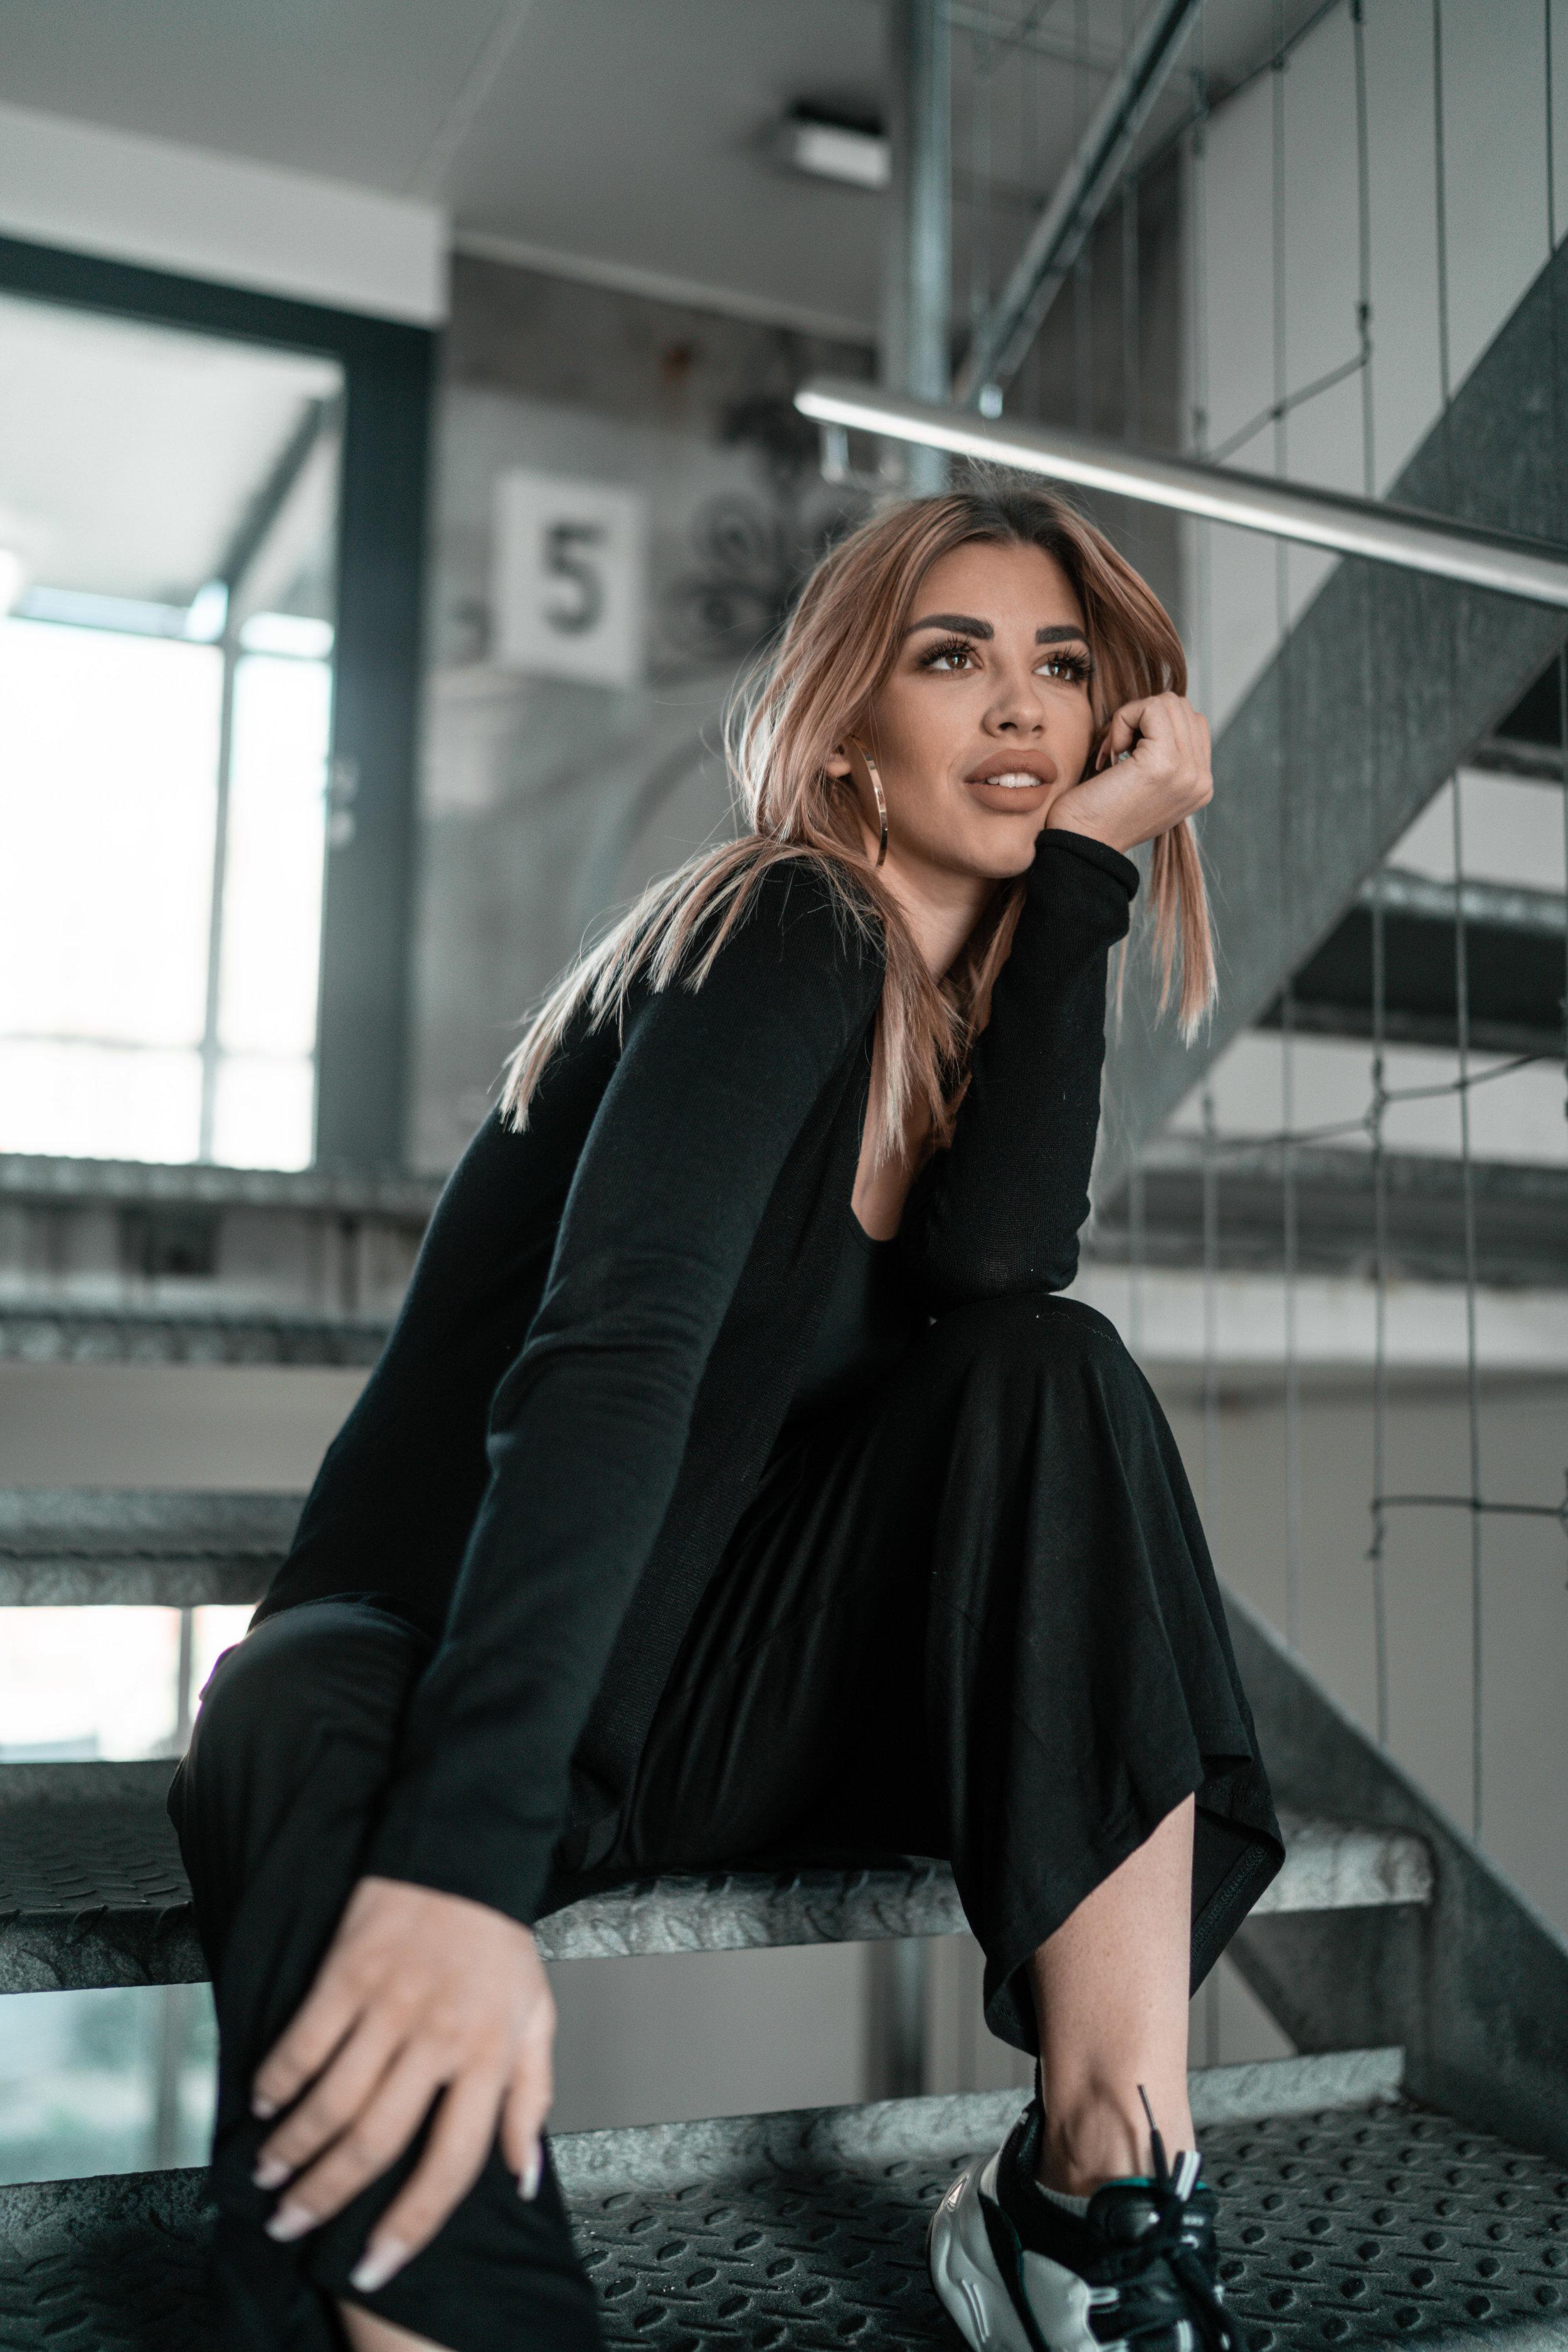 Dijana Cvijetic - Ex-Miss Universe Switzerland Dijana steht schon seit über 11 Jahren als Model vor der Kamera, und ist seit 5 Jahren professionell auf Instagram unterwegs.Auf Instagram arbeitet sie mit Marken auf der ganzen Welt zusammen wie z. Bsp. Pretty Little Thing, Skechers, Michael Kors, Rituals Cosmetics, NYX, Starbucks, Bobbi Brown uvm.